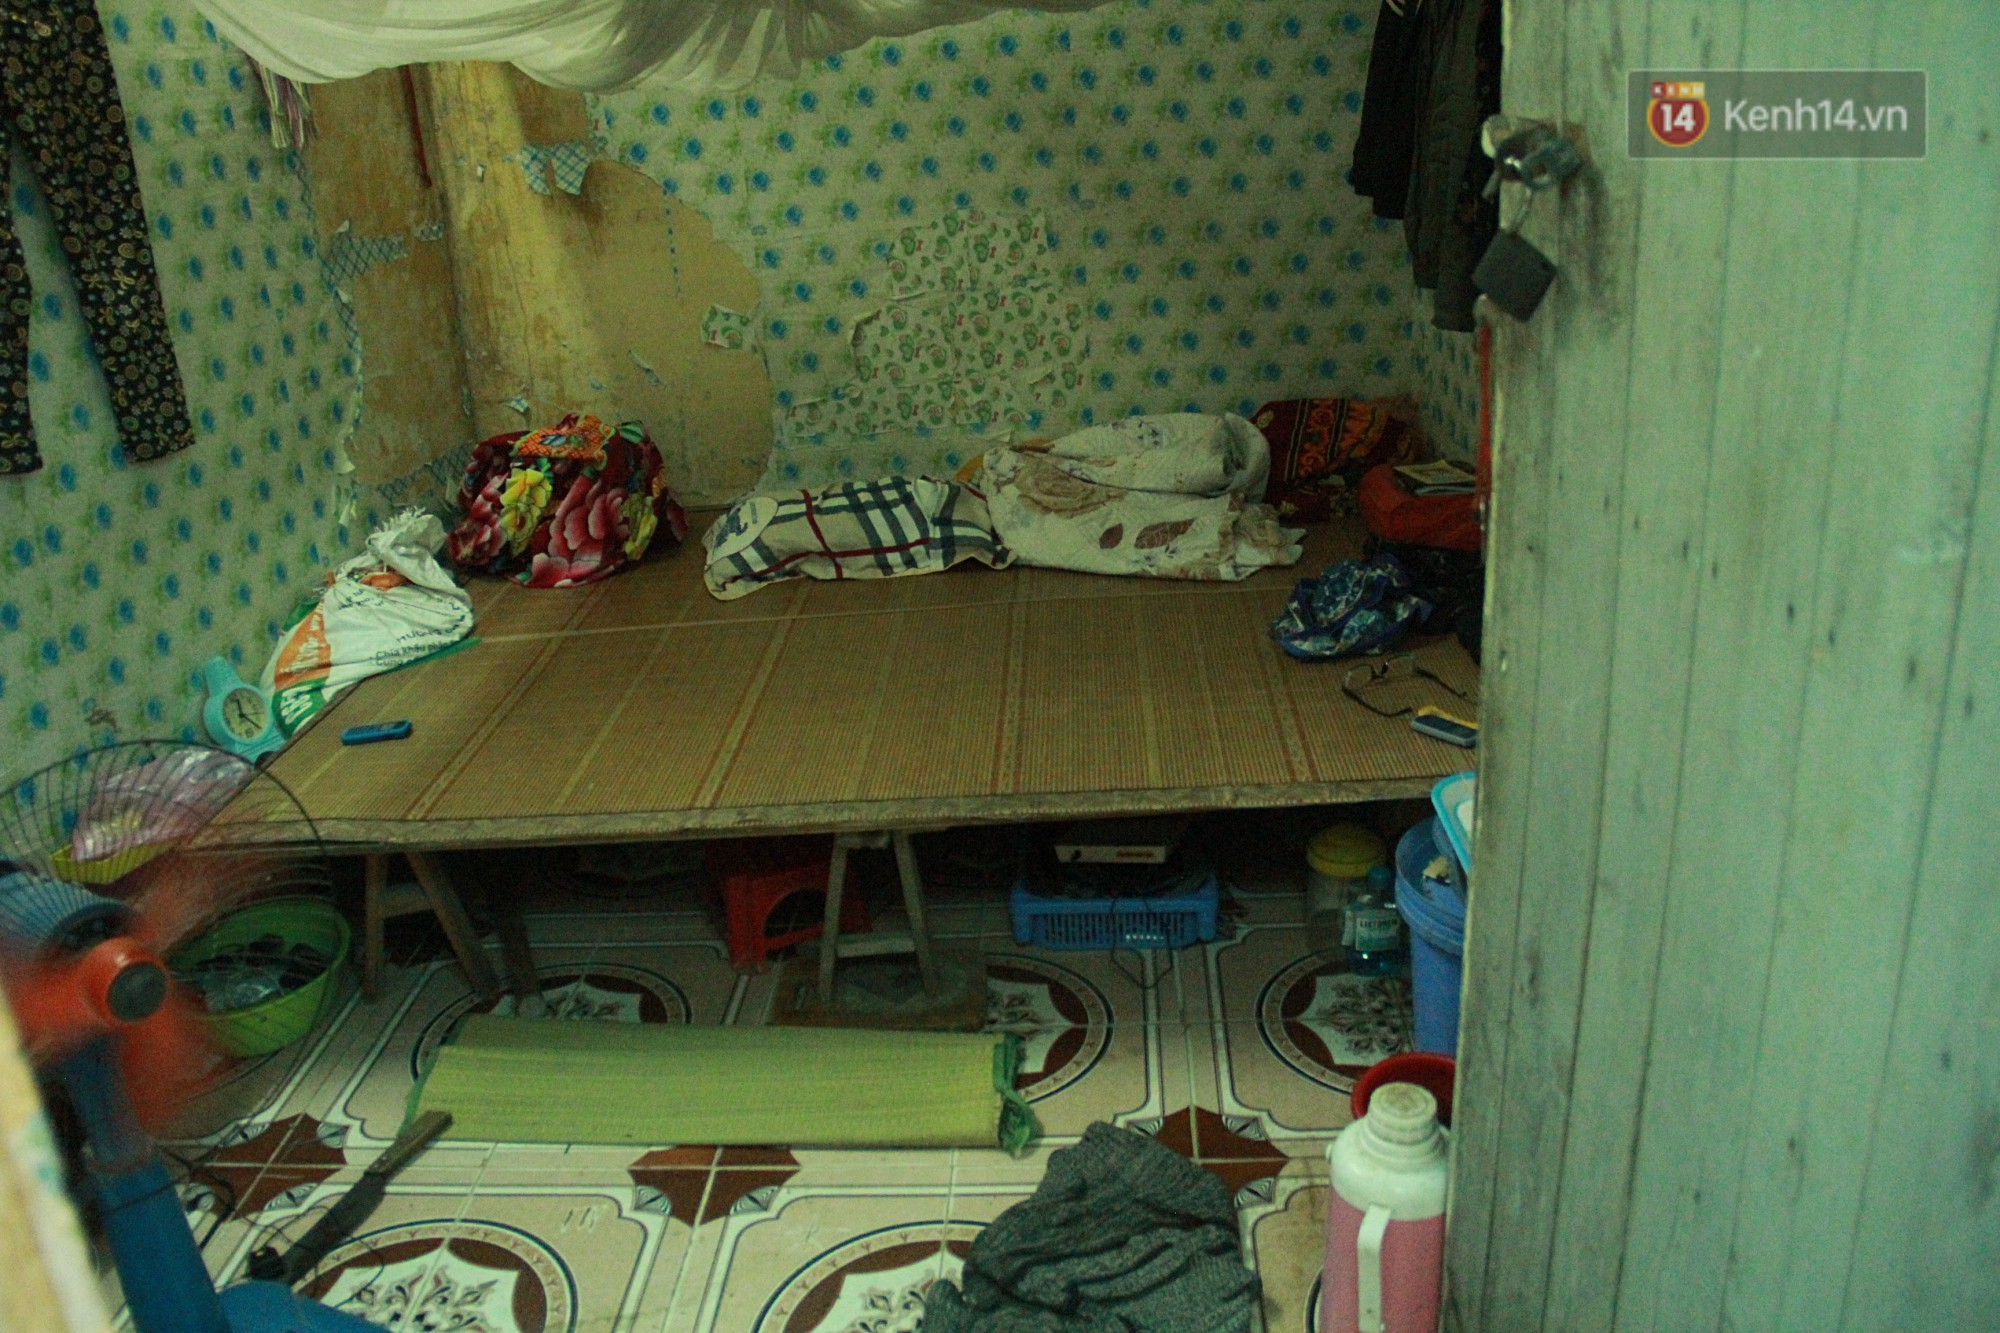 Cái nóng Hà Nội lên đến 50 độ: Dân xóm nghèo oằn mình trong các phòng trọ lợp ngói tôn, hầm hập như muốn luộc chín người - Ảnh 4.